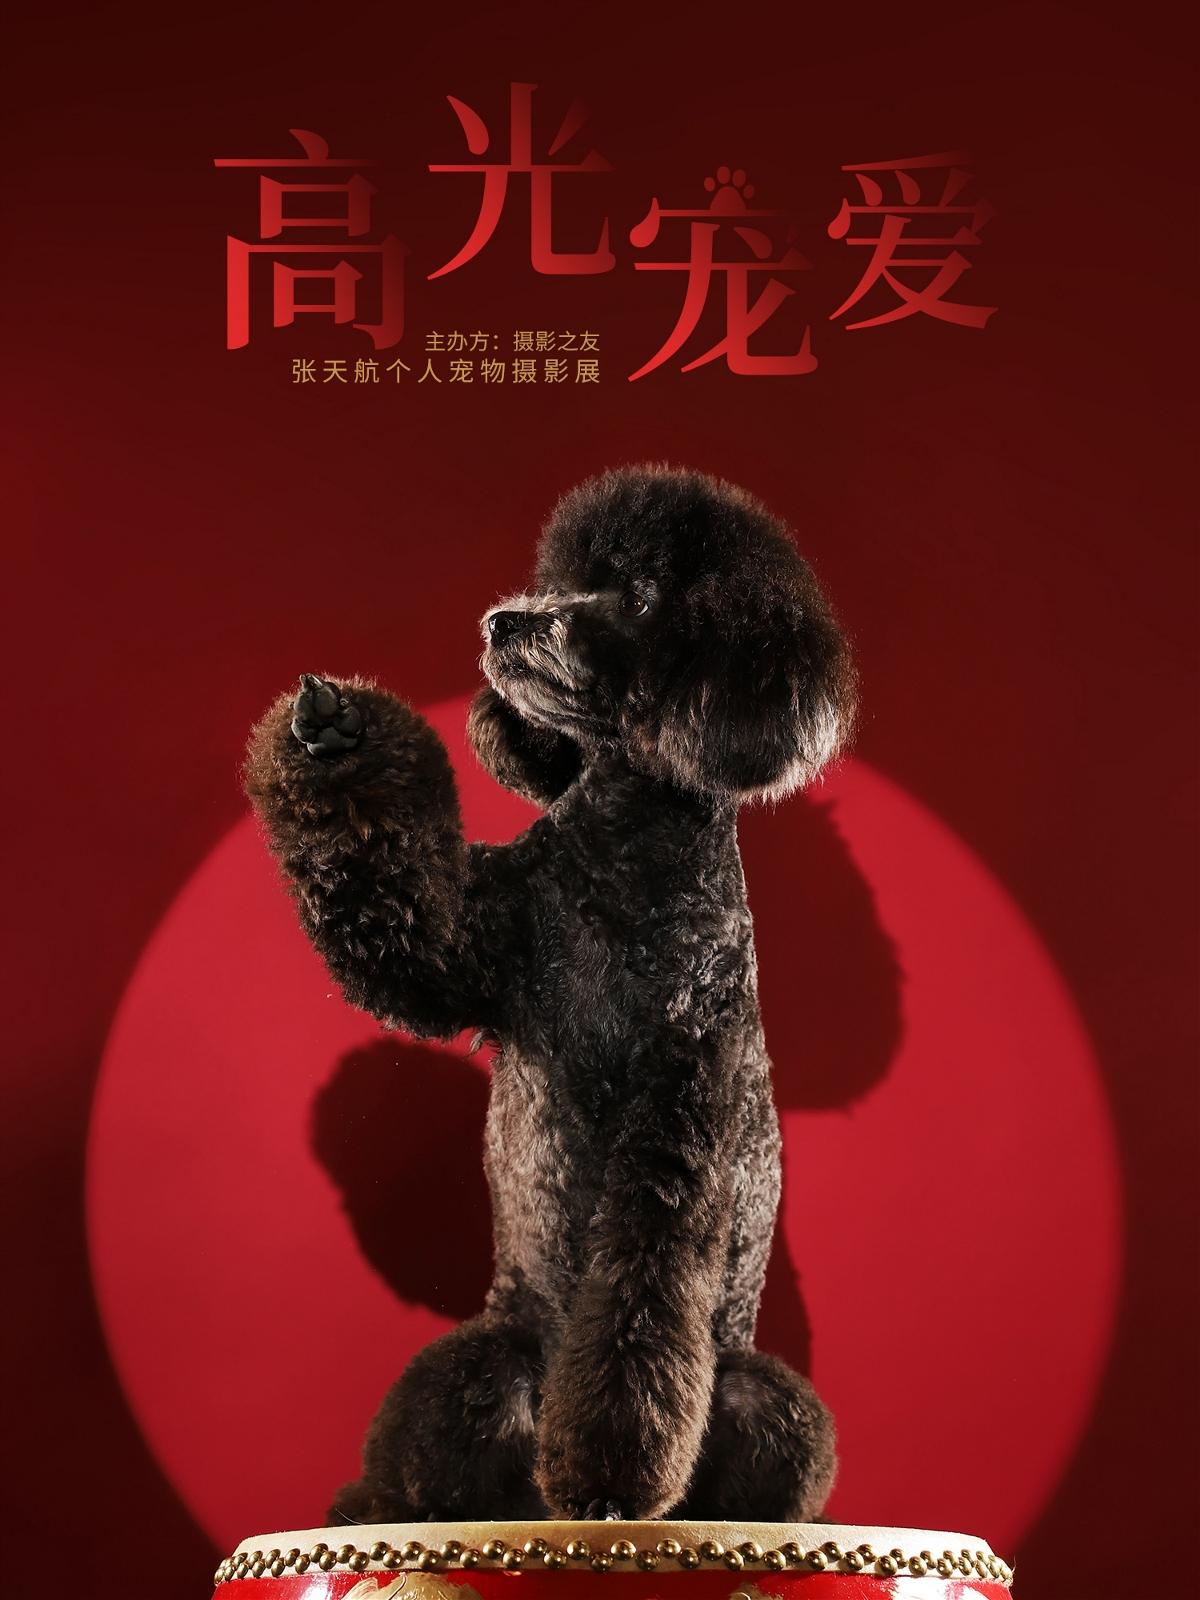 高光宠爱——张天航个人宠物摄影展